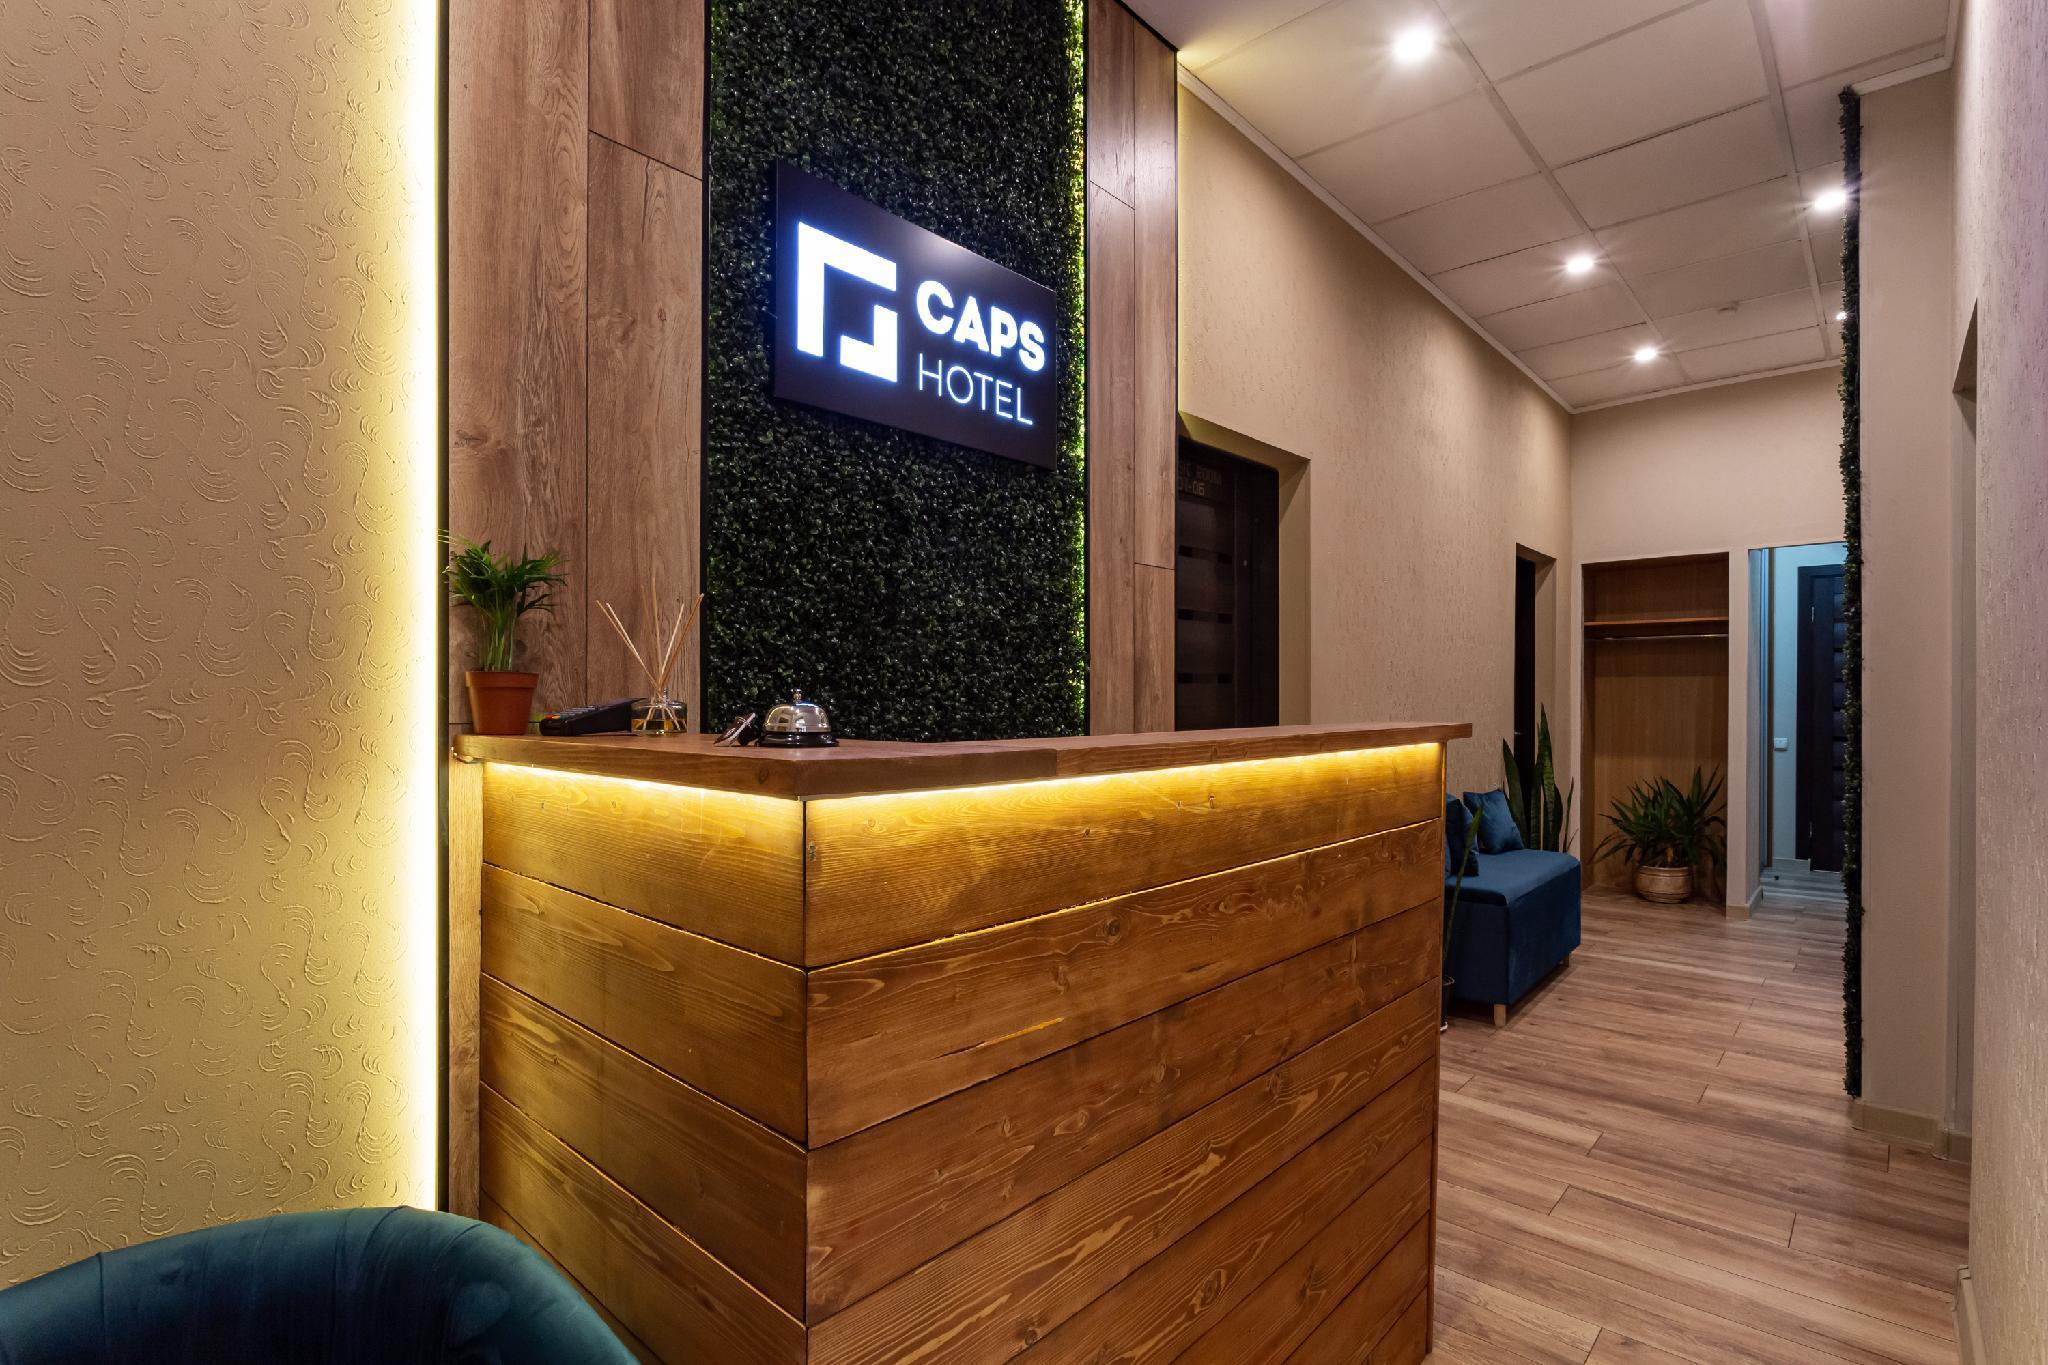 Caps Hotel